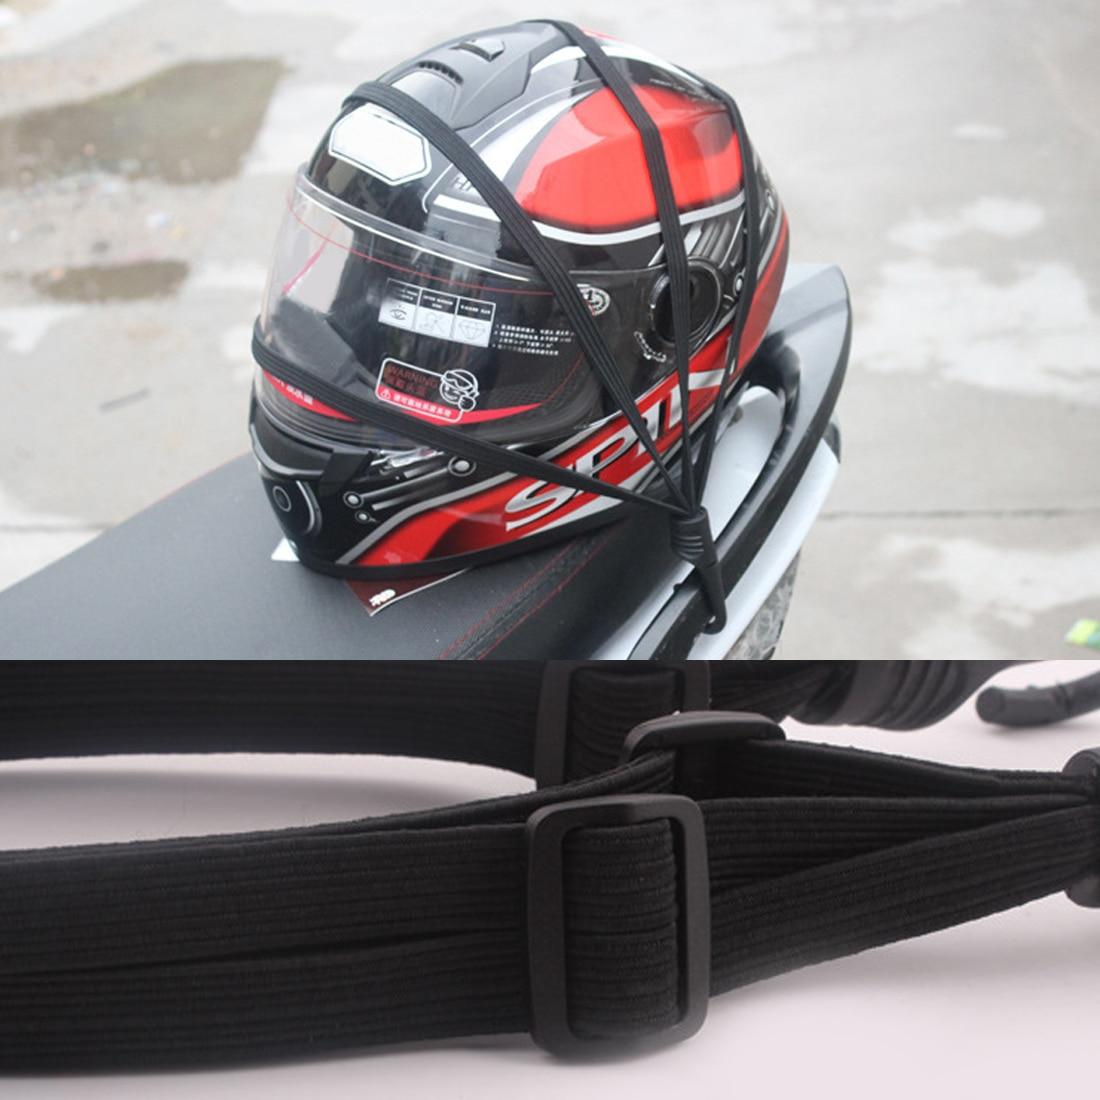 Il Migliore Dewtreetali Vendita Calda Del Motociclo Flessibile A Scomparsa Casco Deposito Corda Elastica Cinghia Con 2 Ganci 1 Pz Qualità E Quantità Assicurate